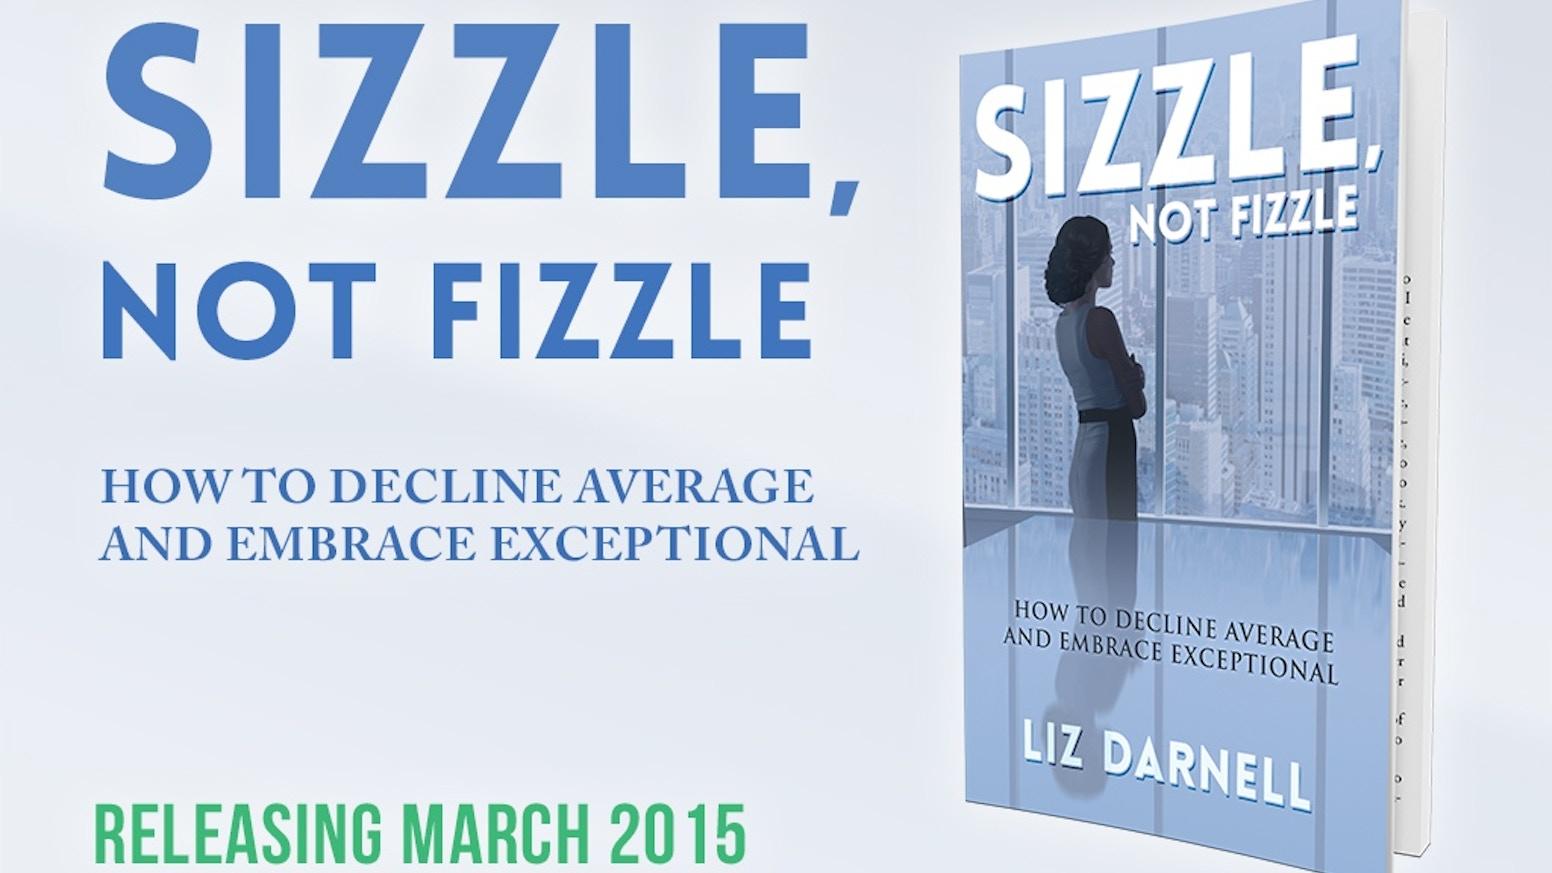 Sizzle, Not Fizzle by Liz Darnell — Kickstarter